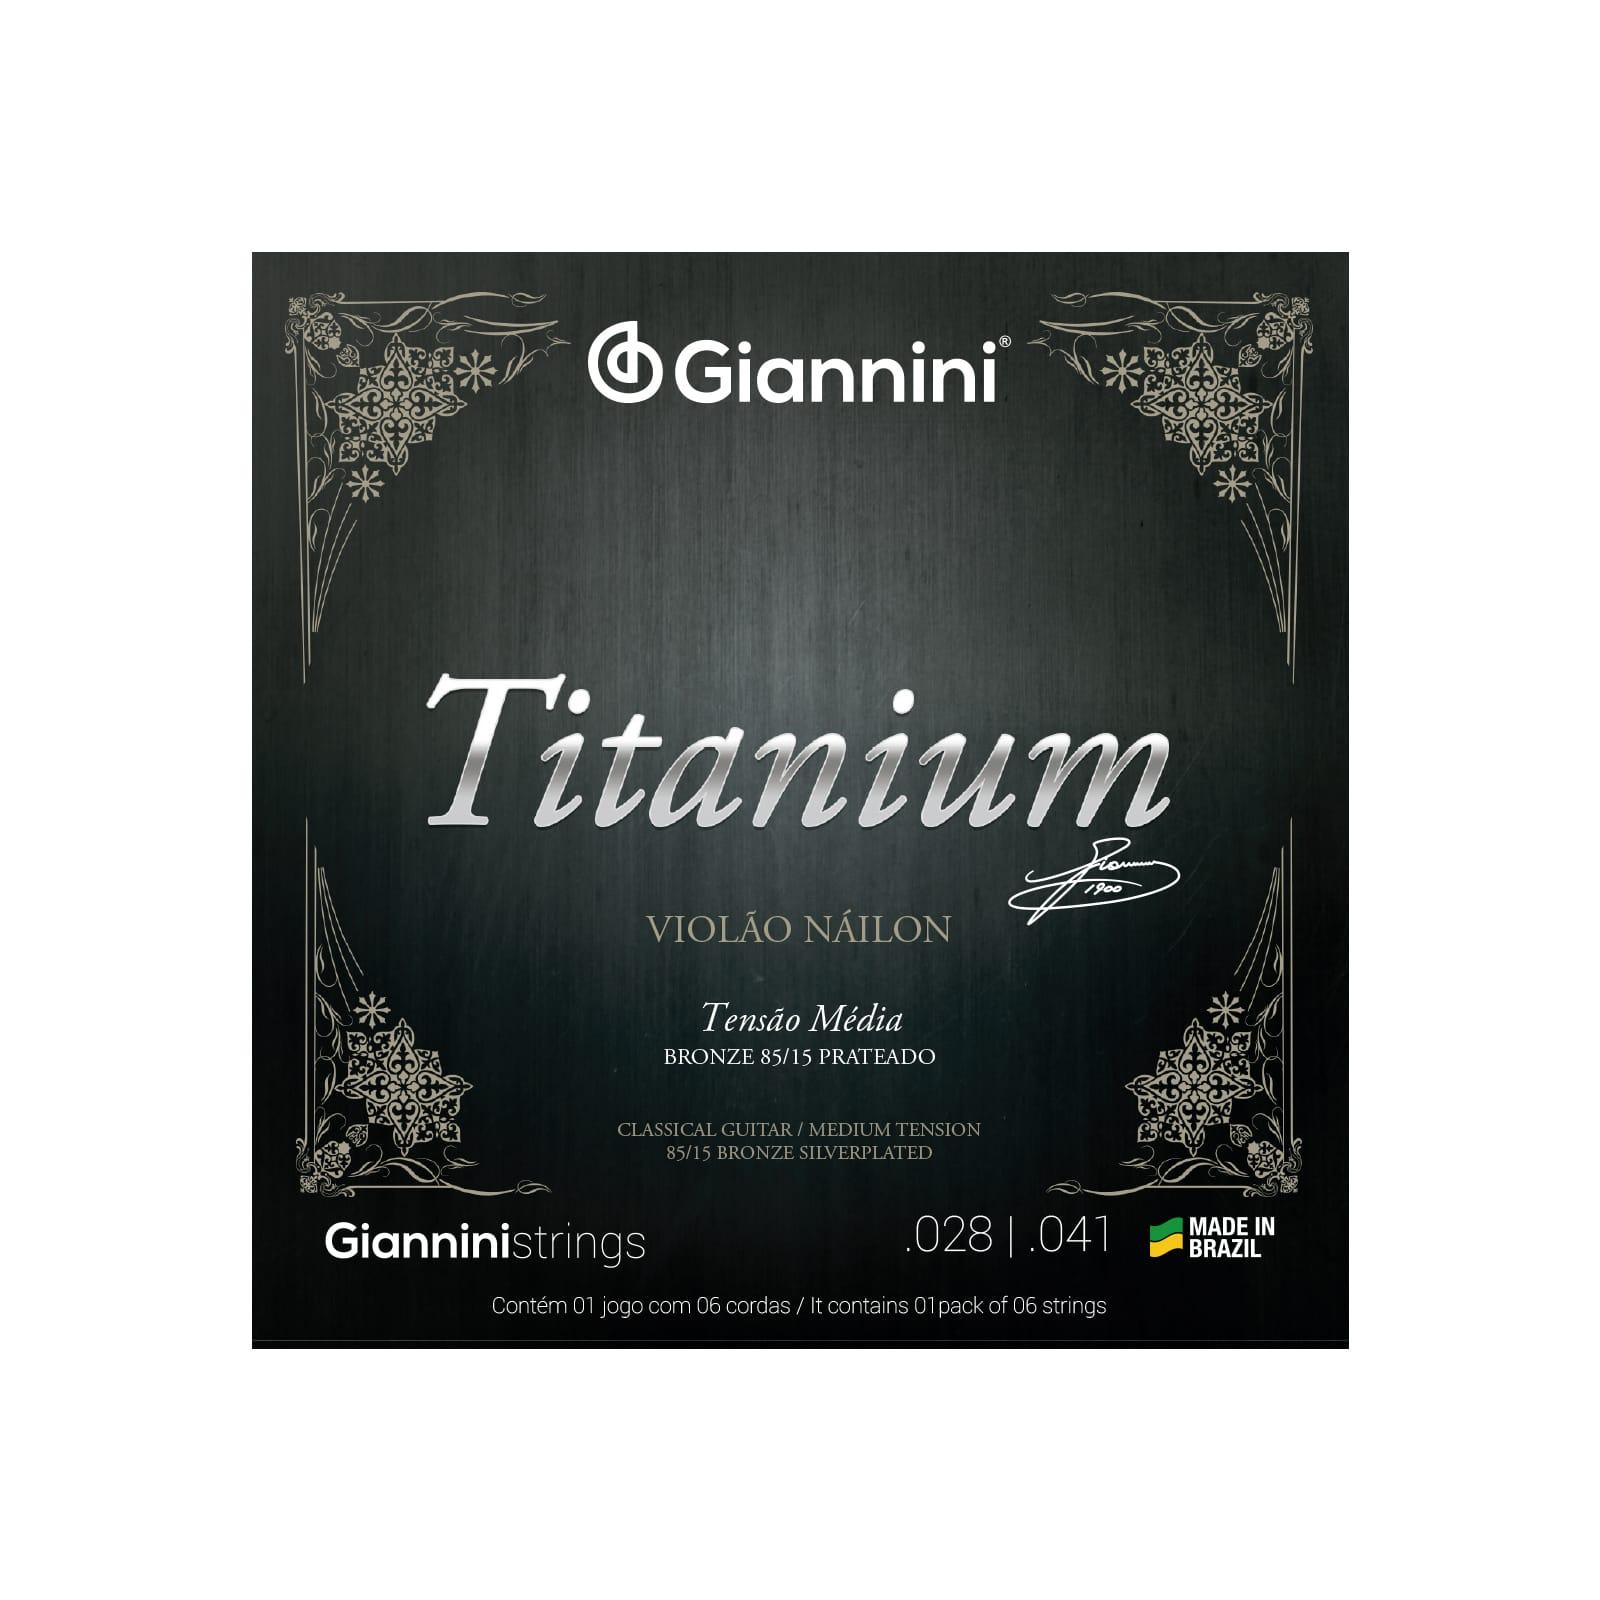 Encordoamento Giannini para Violão Náilon 6 cordas Titanium Bronze 85/15 GENWTM Média